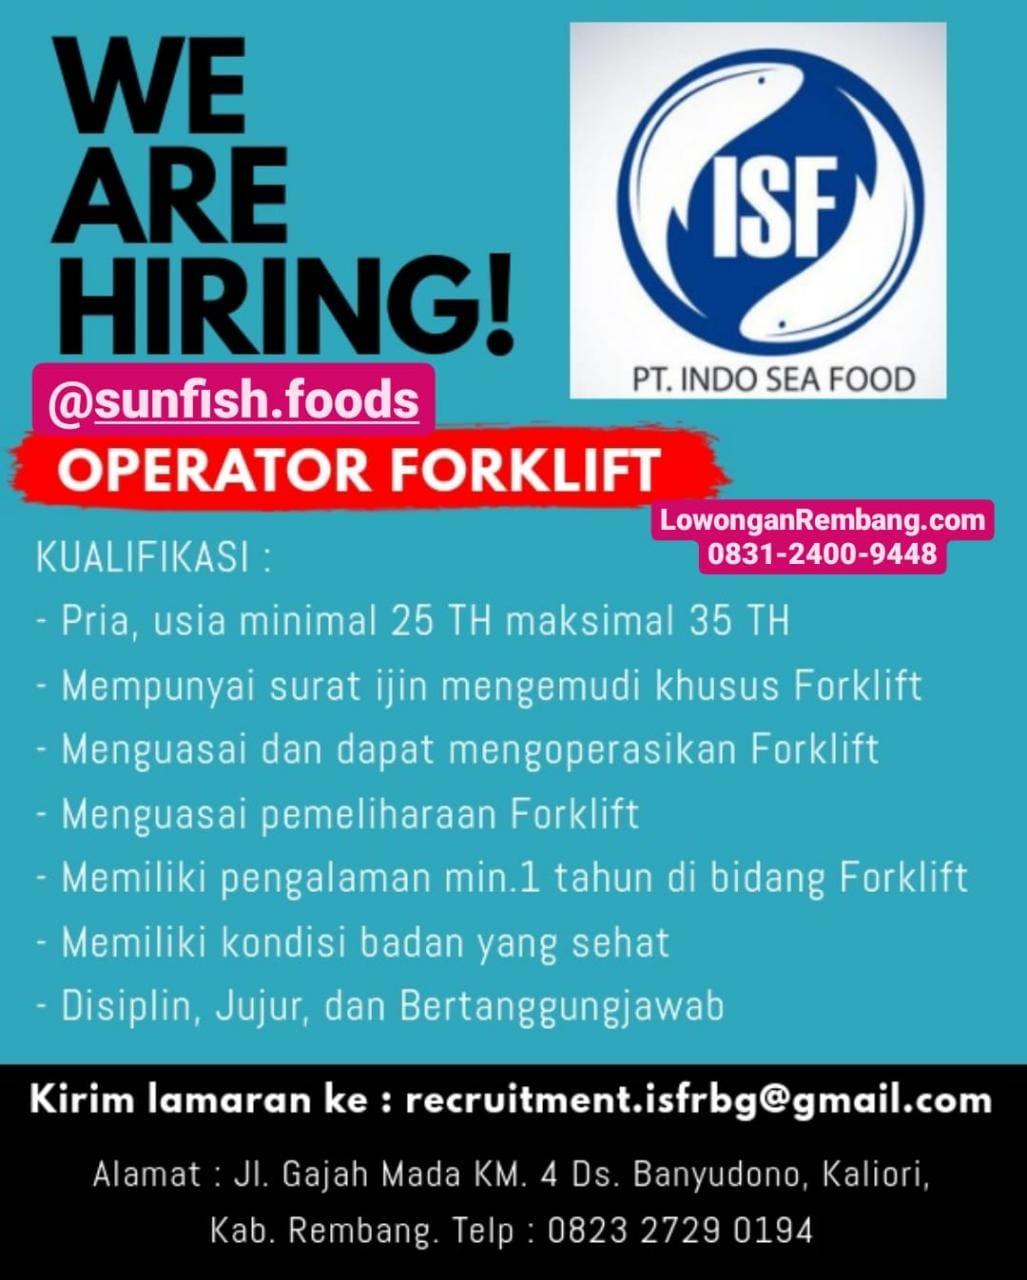 Lowongan Kerja Operator Forklift PT Indo Sea Food Desa Banyudono Kecamatan Kaliori Kabupaten Rembang